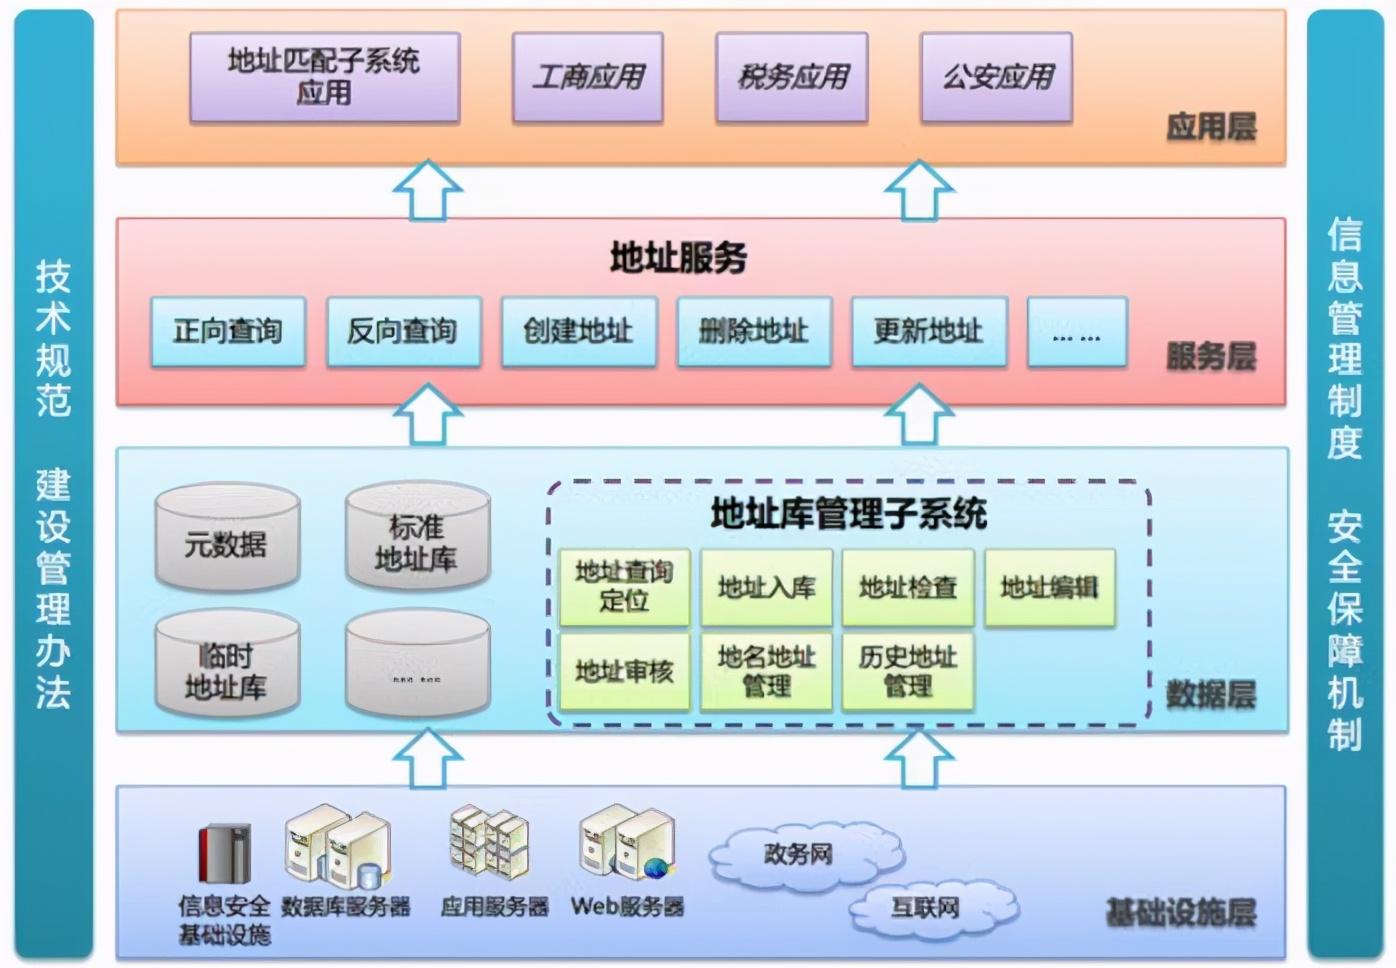 软件架构设计分层模型和构图思考